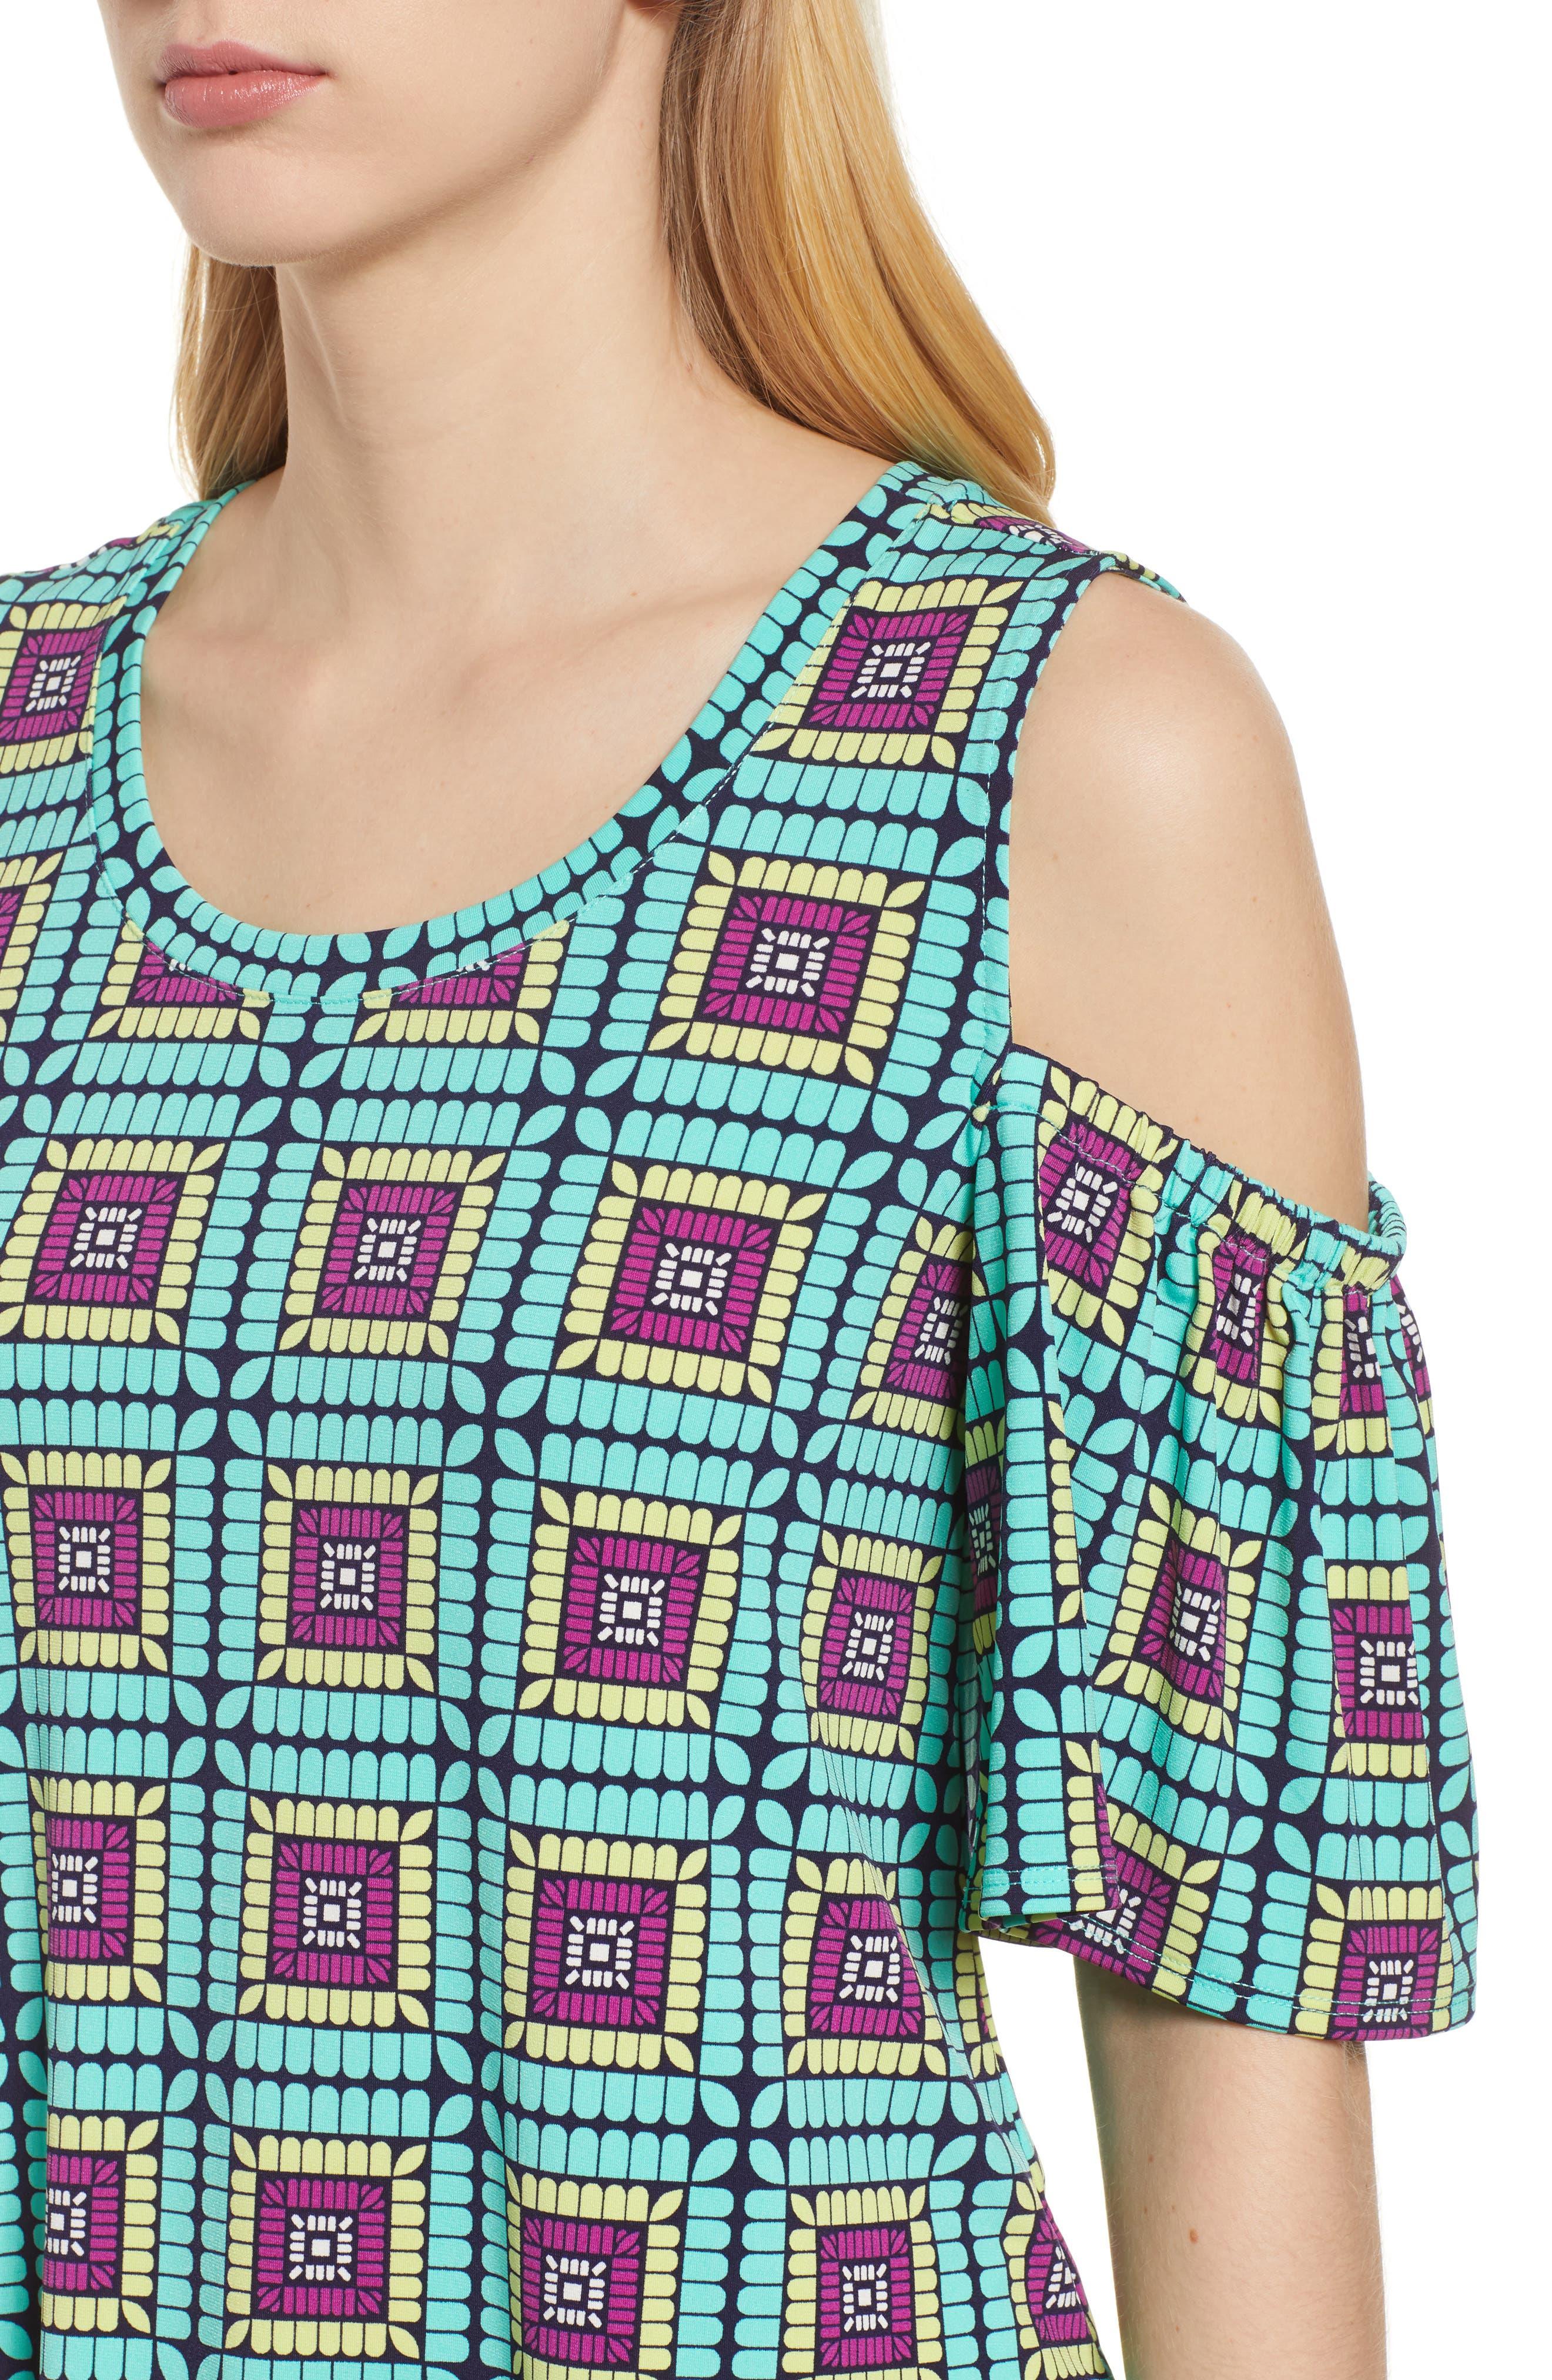 Plaza Tile Cold Shoulder Top,                             Alternate thumbnail 4, color,                             CASBAH TEAL